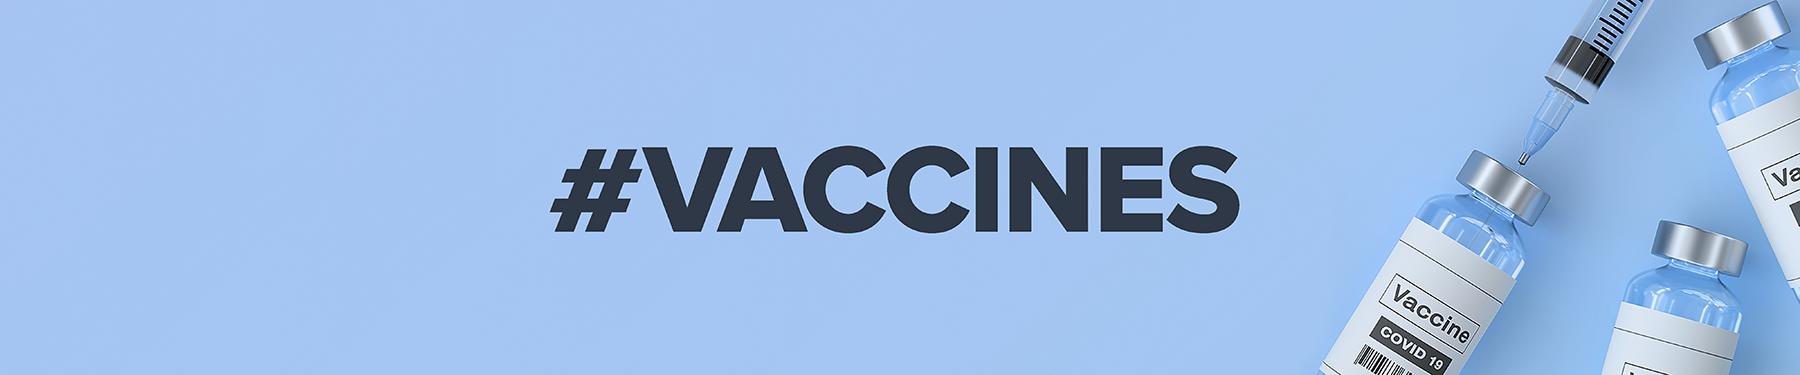 #Vaccines